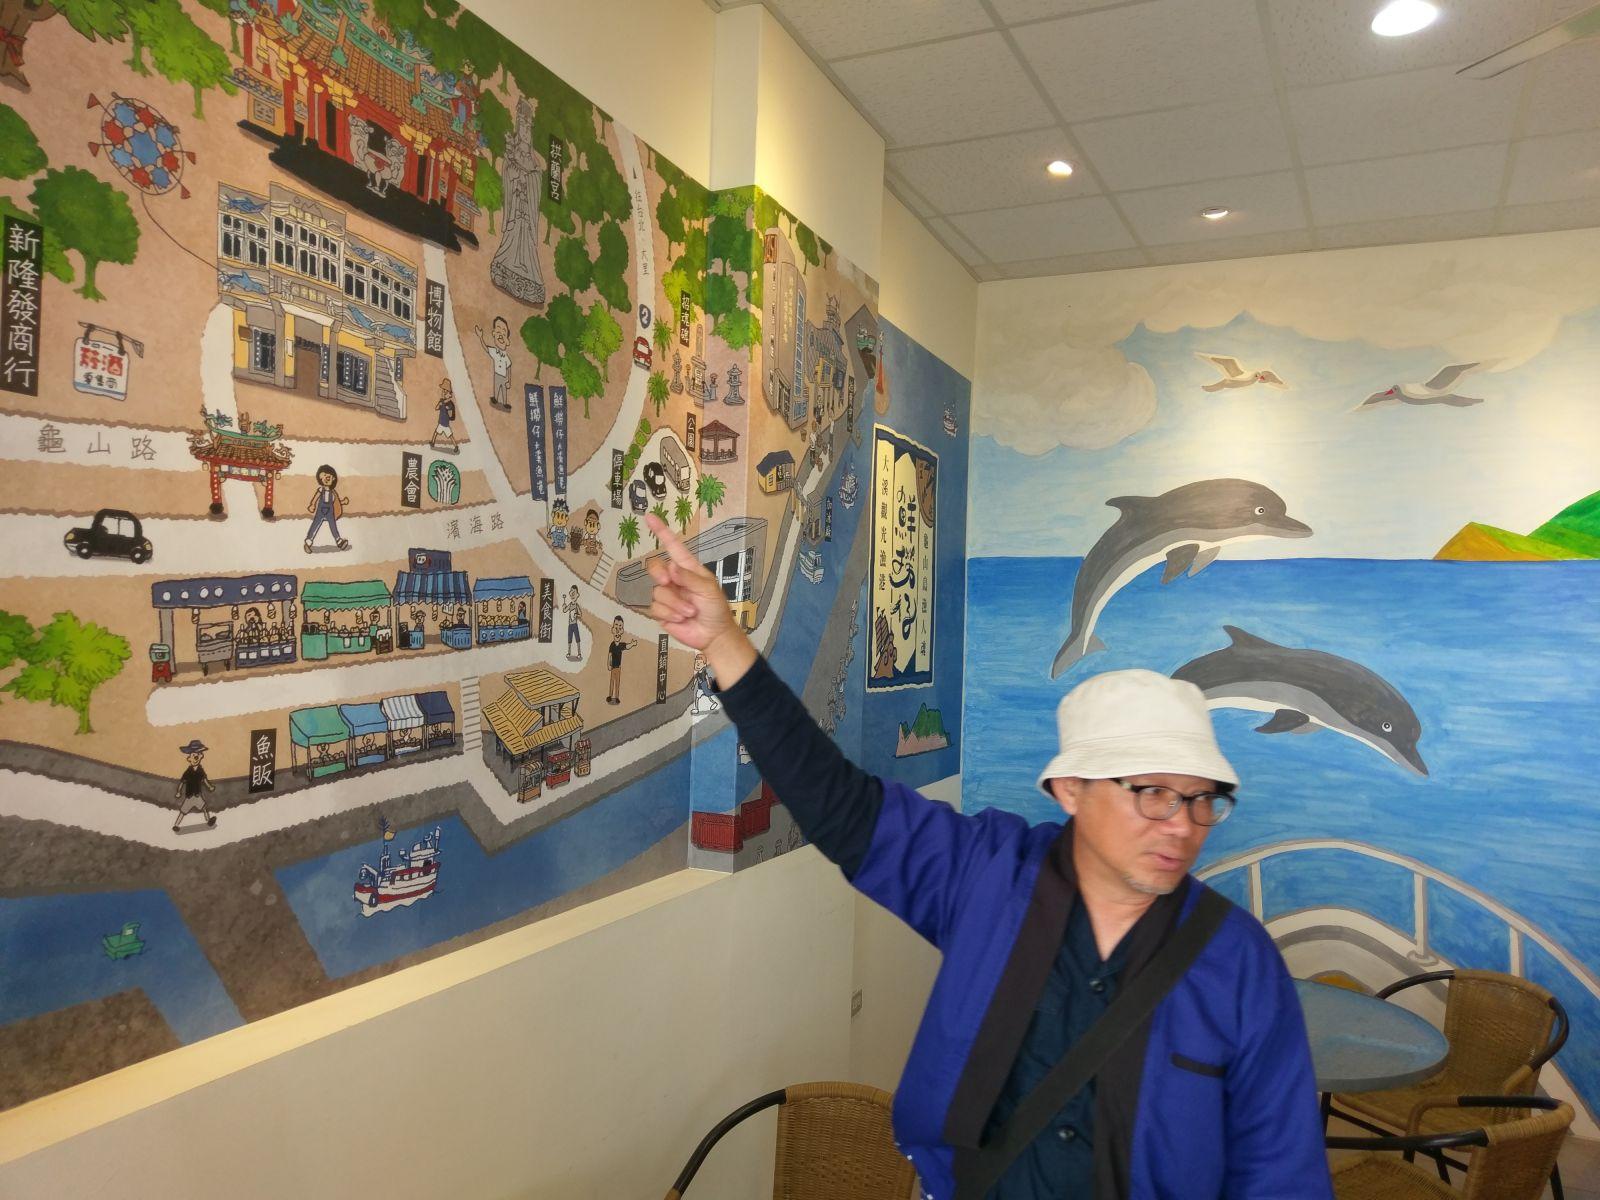 宜蘭蘭調計畫導覽人員解說牆上漁港路線圖